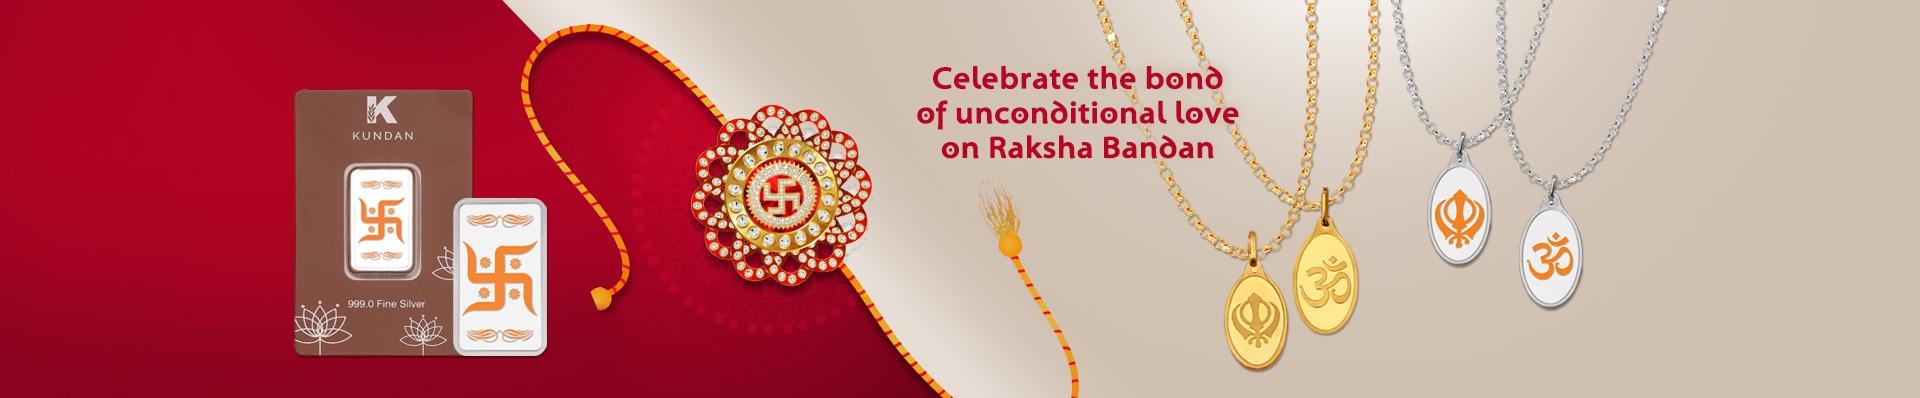 Raksha Bandhan / Bhai Dooj